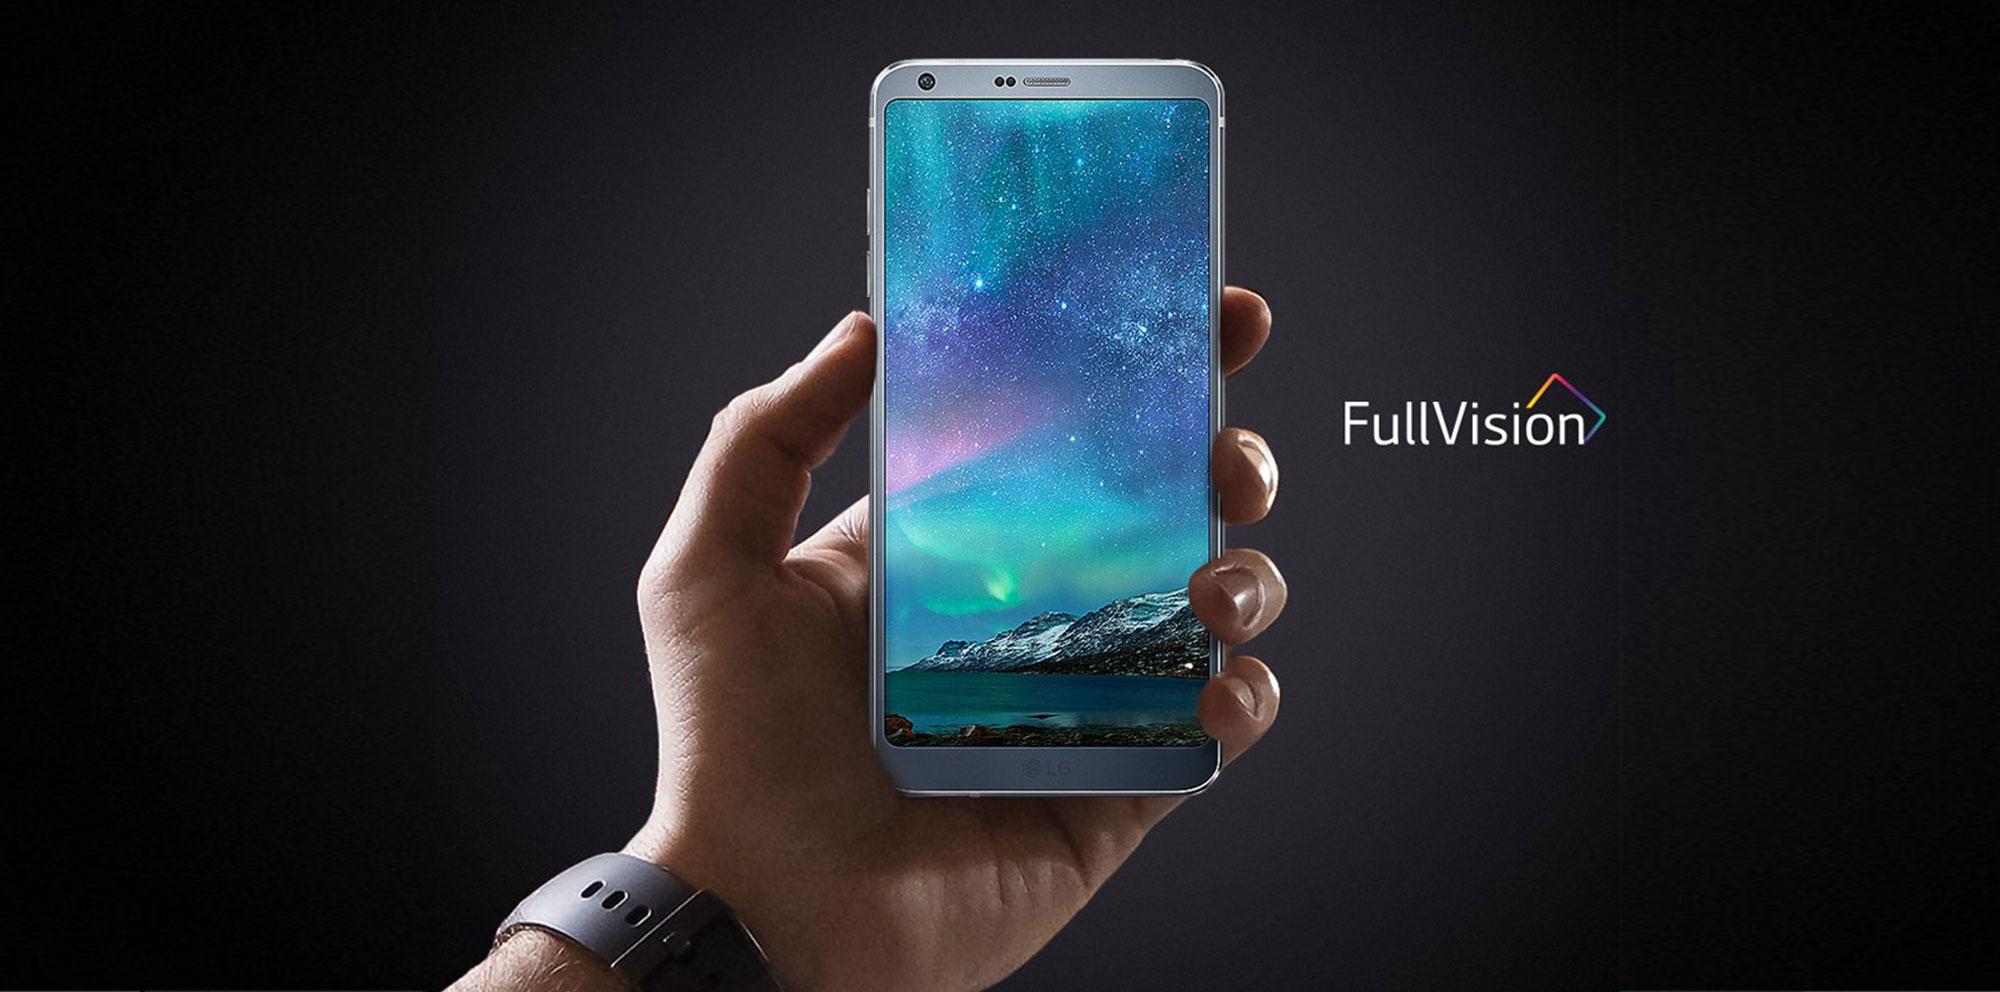 új okostelefon: LG G6